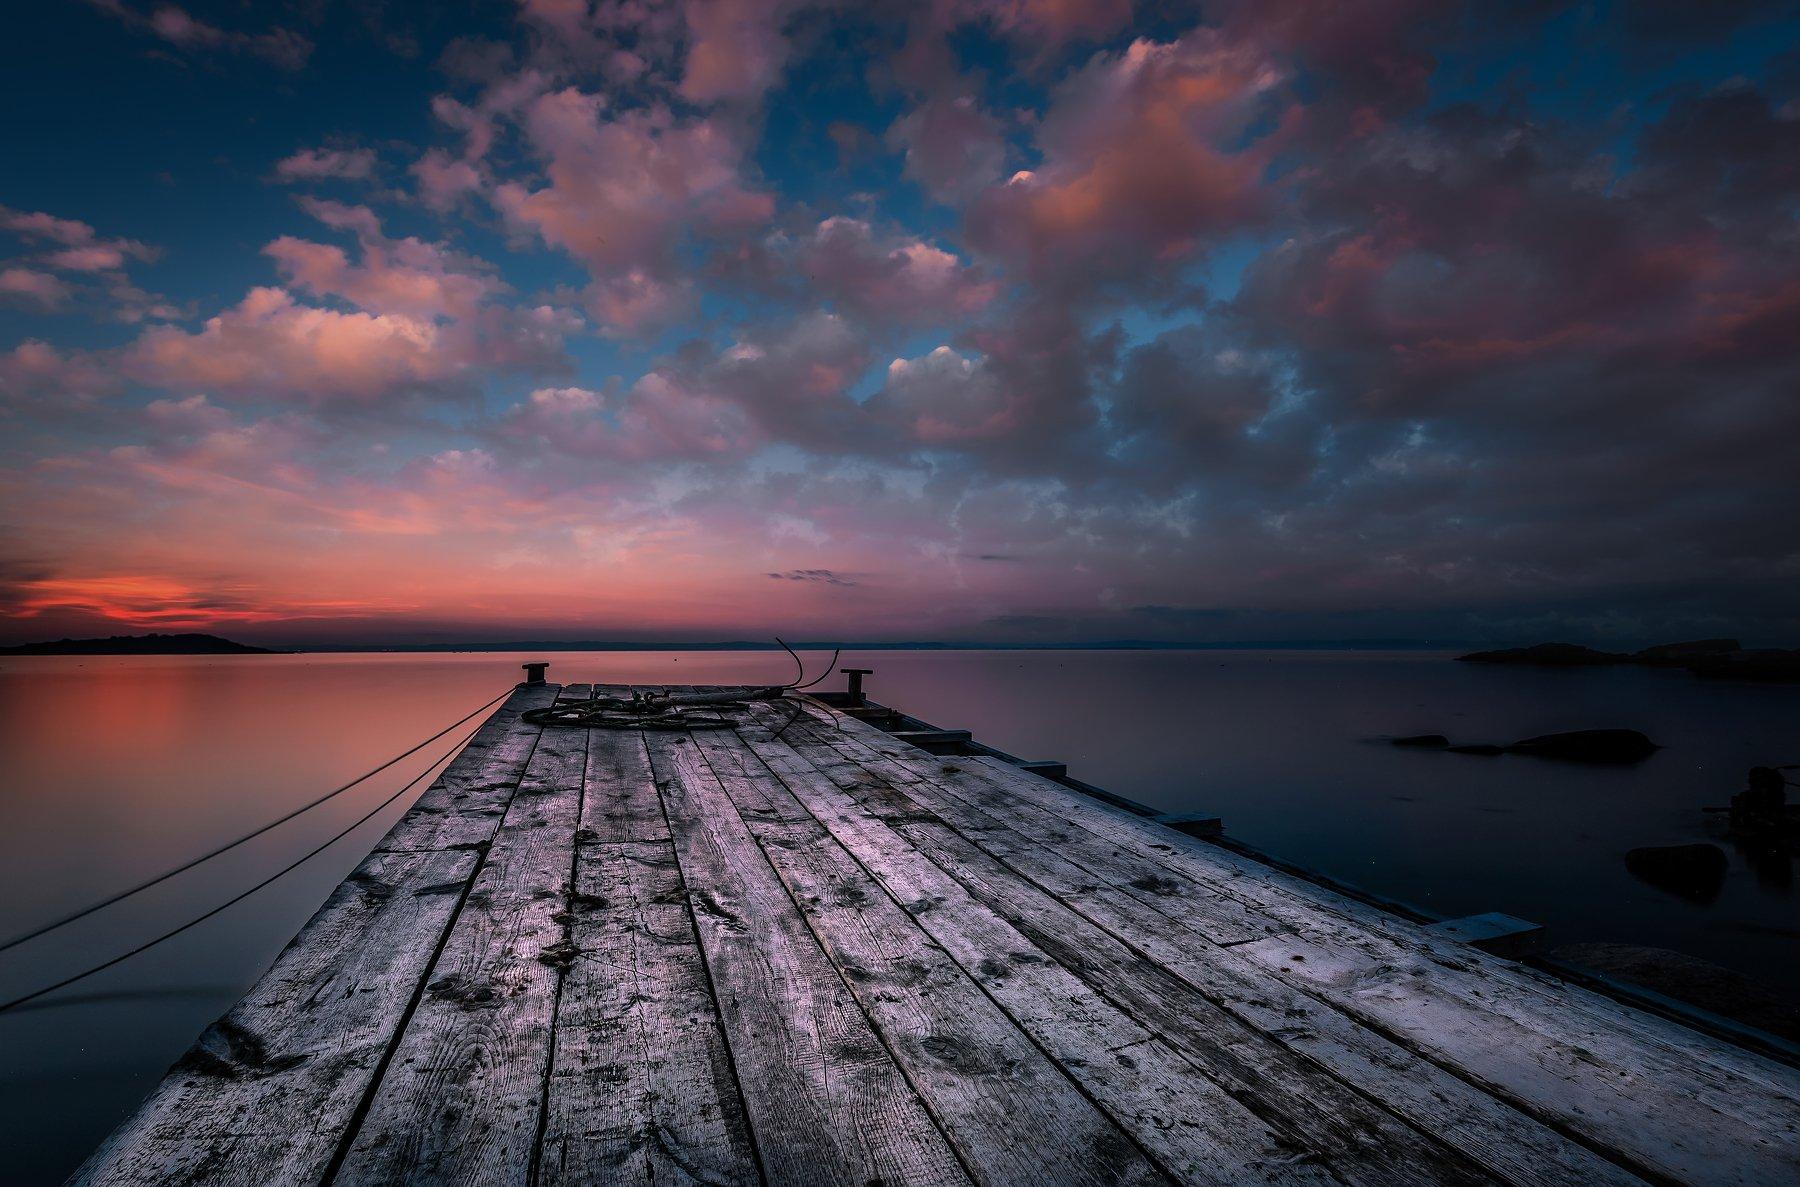 sunset, sea, pier, sky, clouds, seascape, Jeni Madjarova